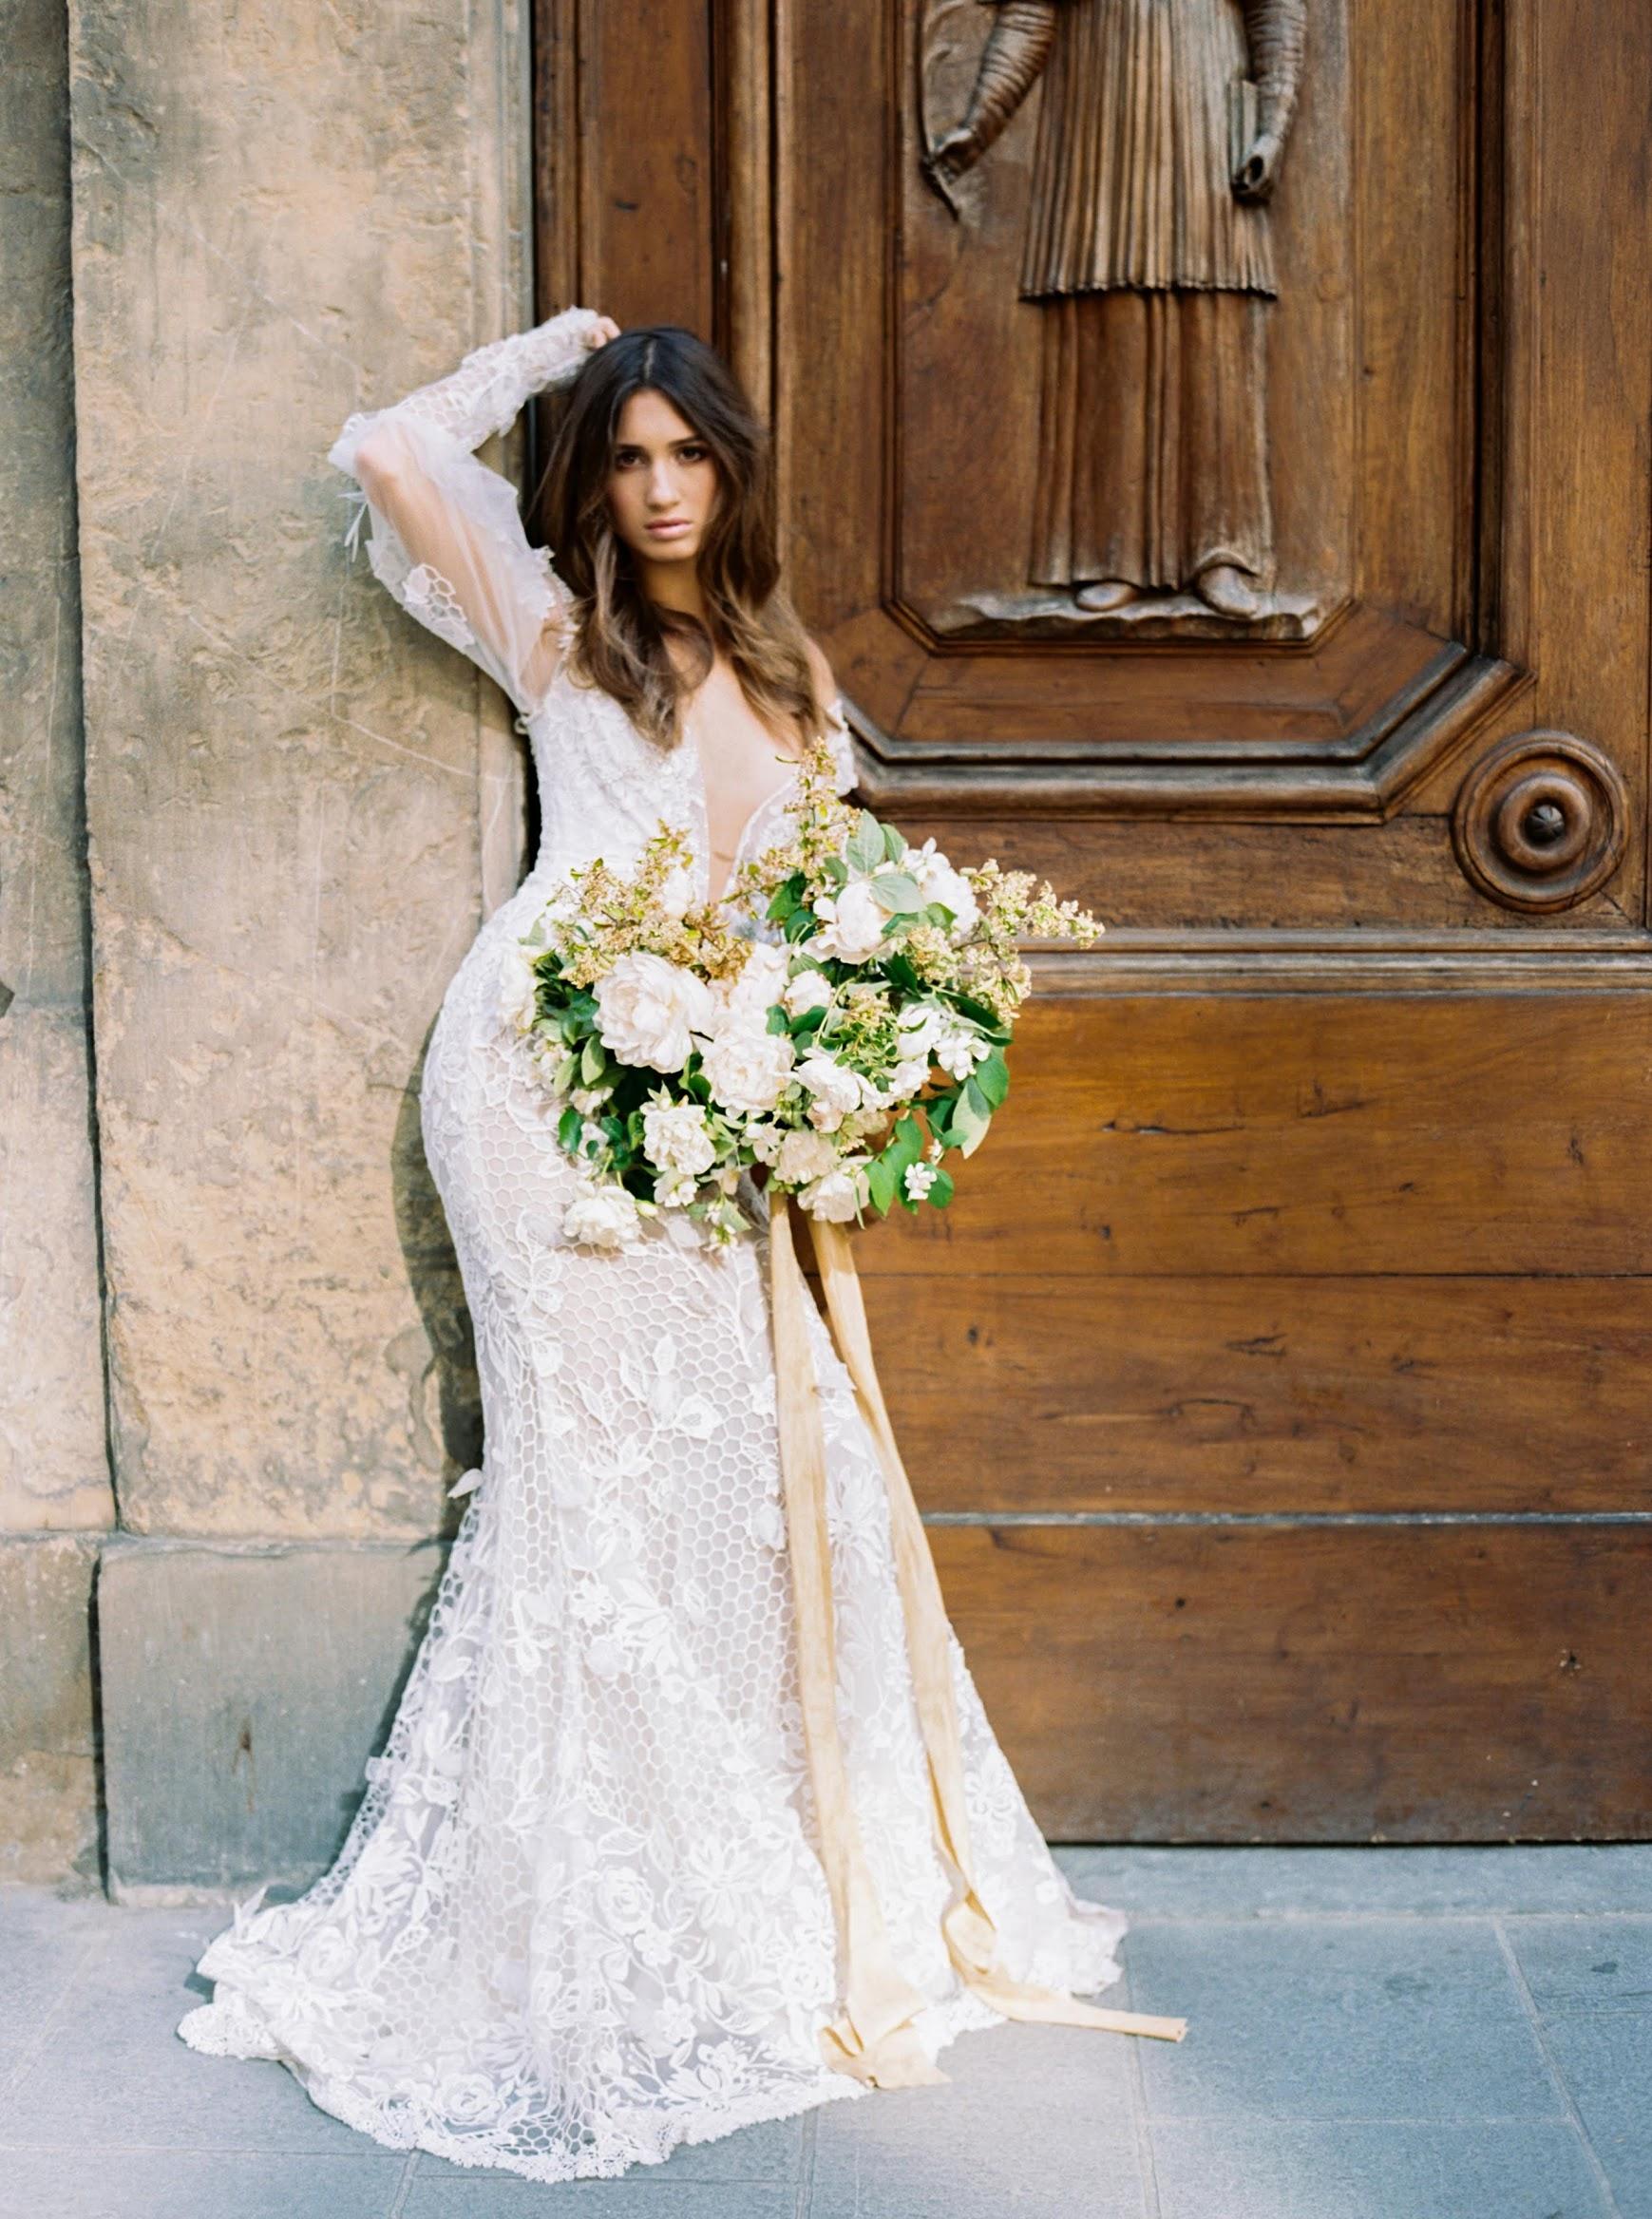 Violet Rose Floral top wedding florist and designer Michigan